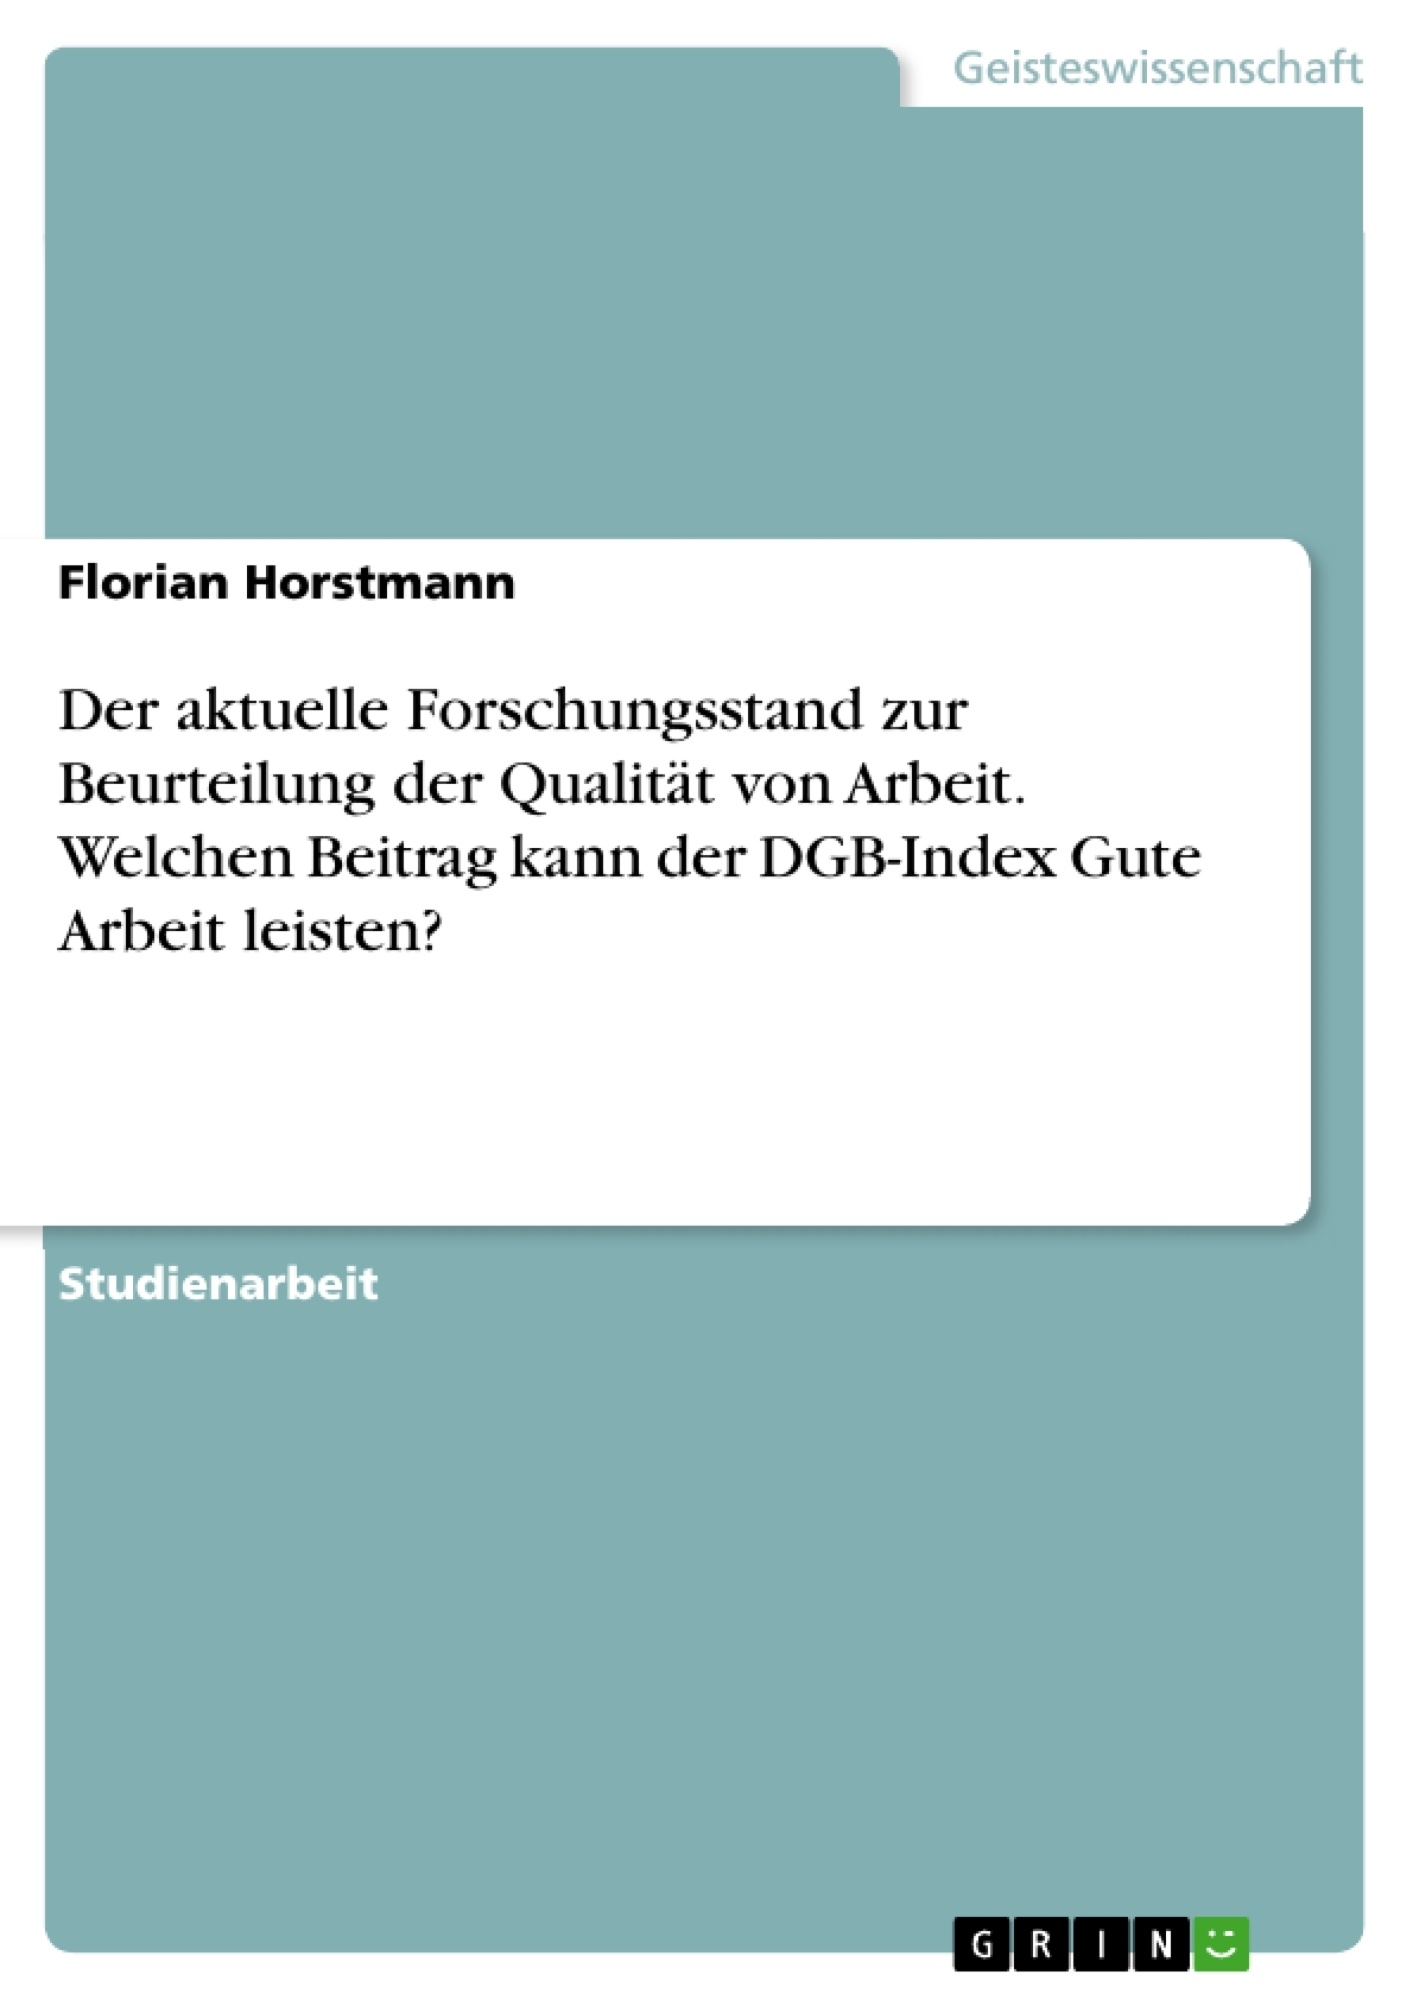 Titel: Der aktuelle Forschungsstand zur Beurteilung der Qualität von Arbeit. Welchen Beitrag kann der DGB-Index Gute Arbeit leisten?